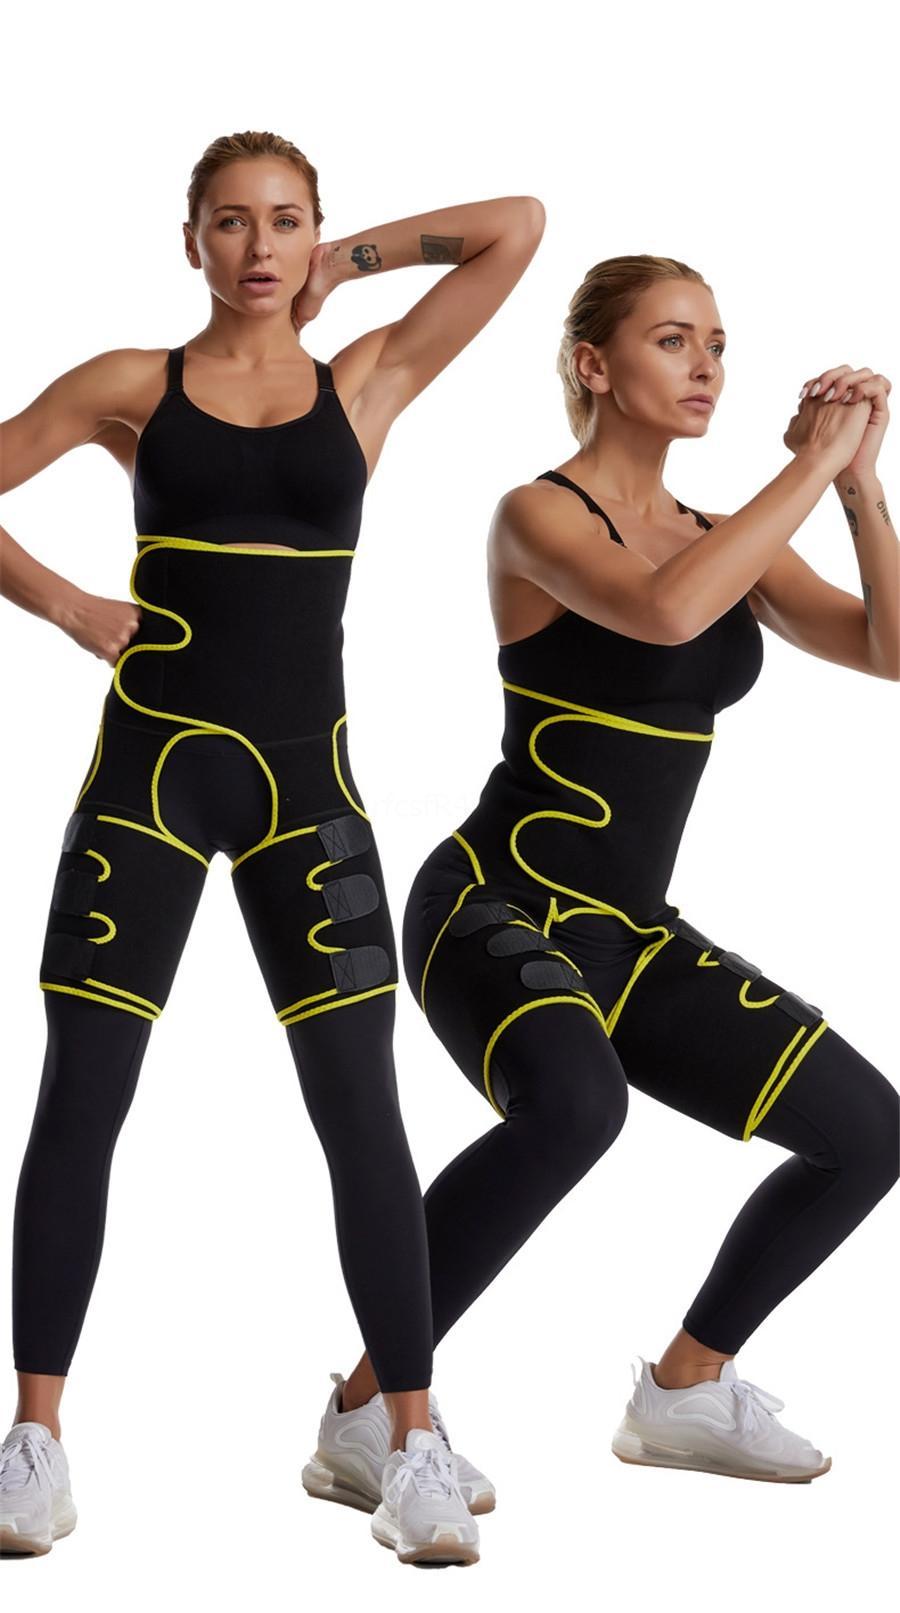 Пот Thermo Ot неопрена Body Shaper для похудения талии тренер Cincher жилет женщин Формирователи Бесплатная доставка # 352